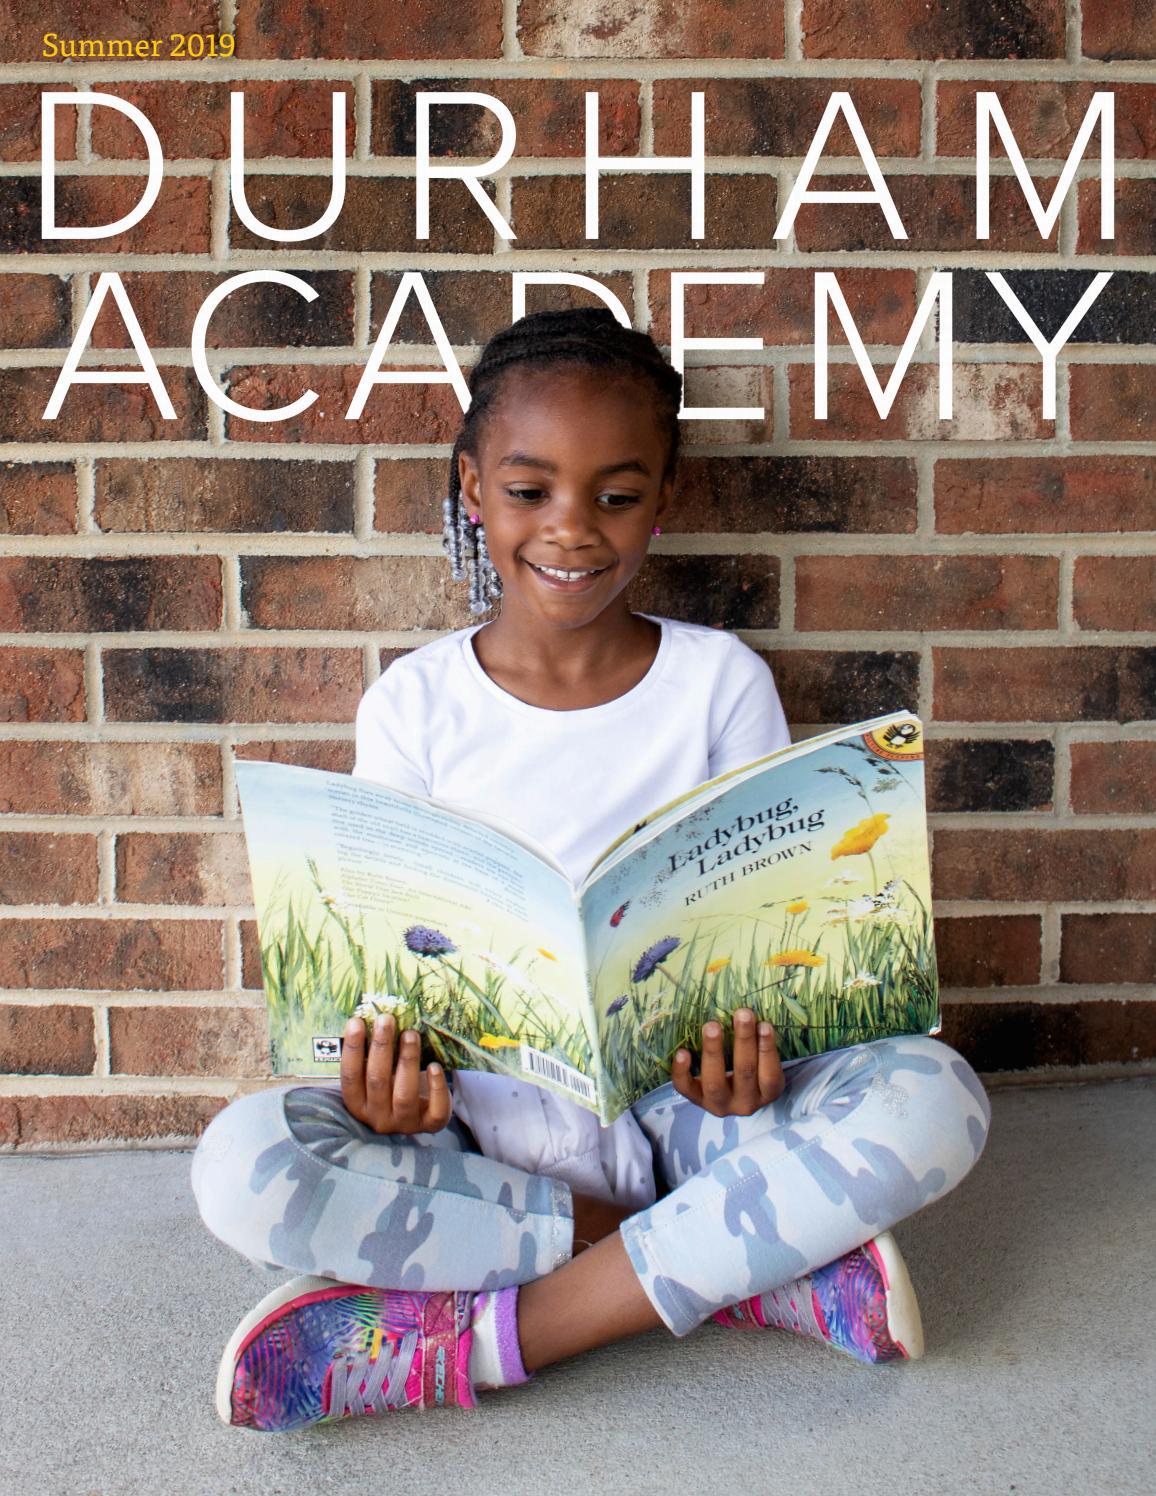 Durham Academy Magazine - Summer 2019 by Durham Academy - issuu